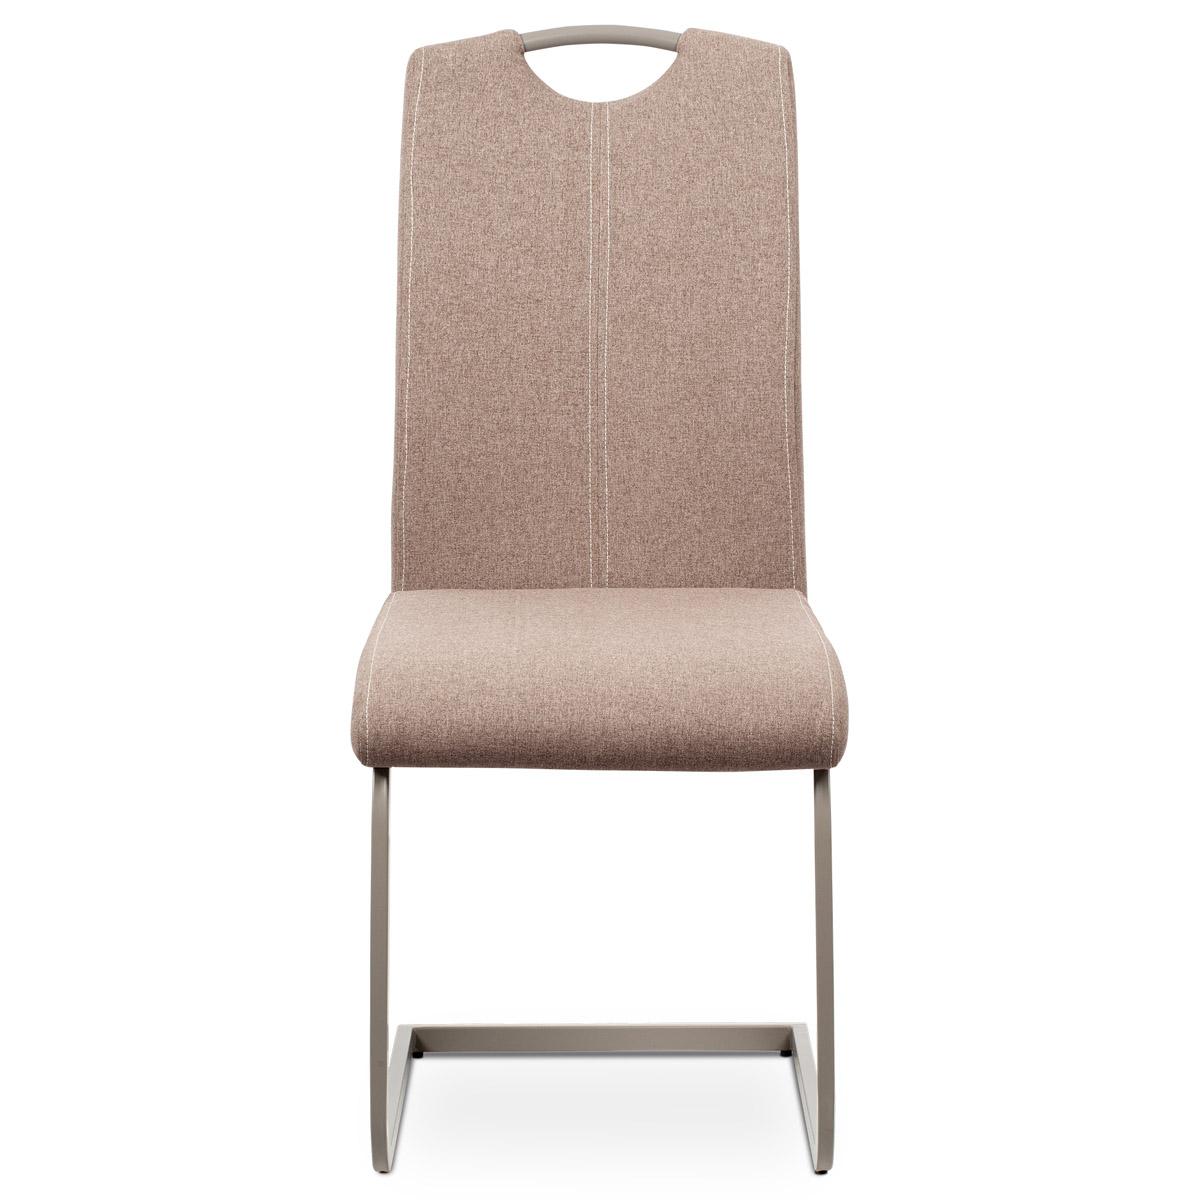 Jídelní židle, potah krémová látka, bílé prošití, kovová pohupová podnož, lanýžo - DCL-612 CRM2